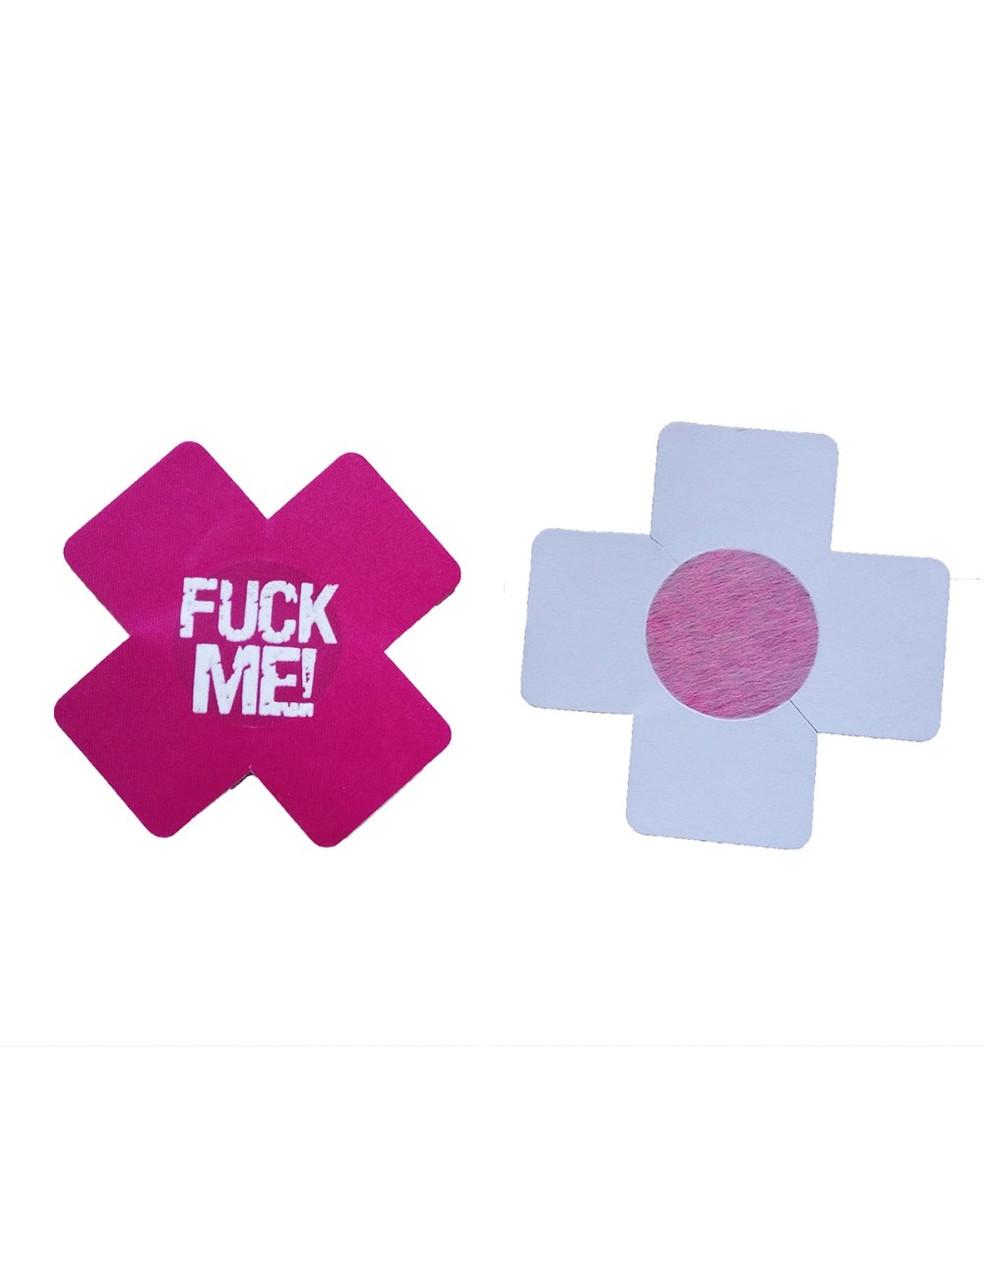 Наклейки для груди Sunspice крестики Fuck Me - розовый